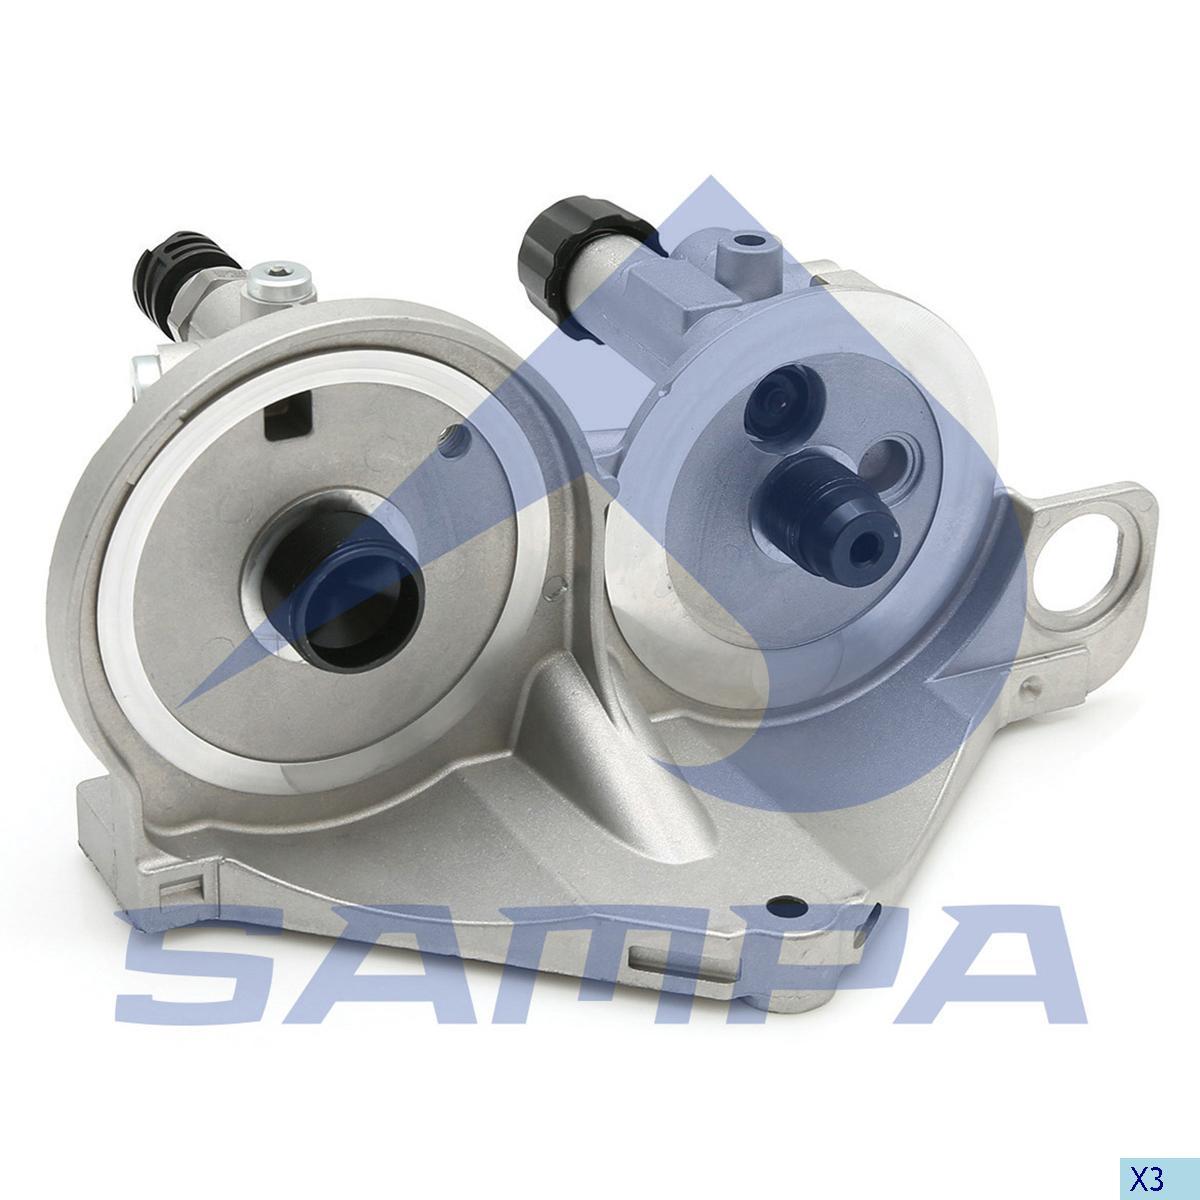 Housing, Fuel Filter, R.V.I., Engine